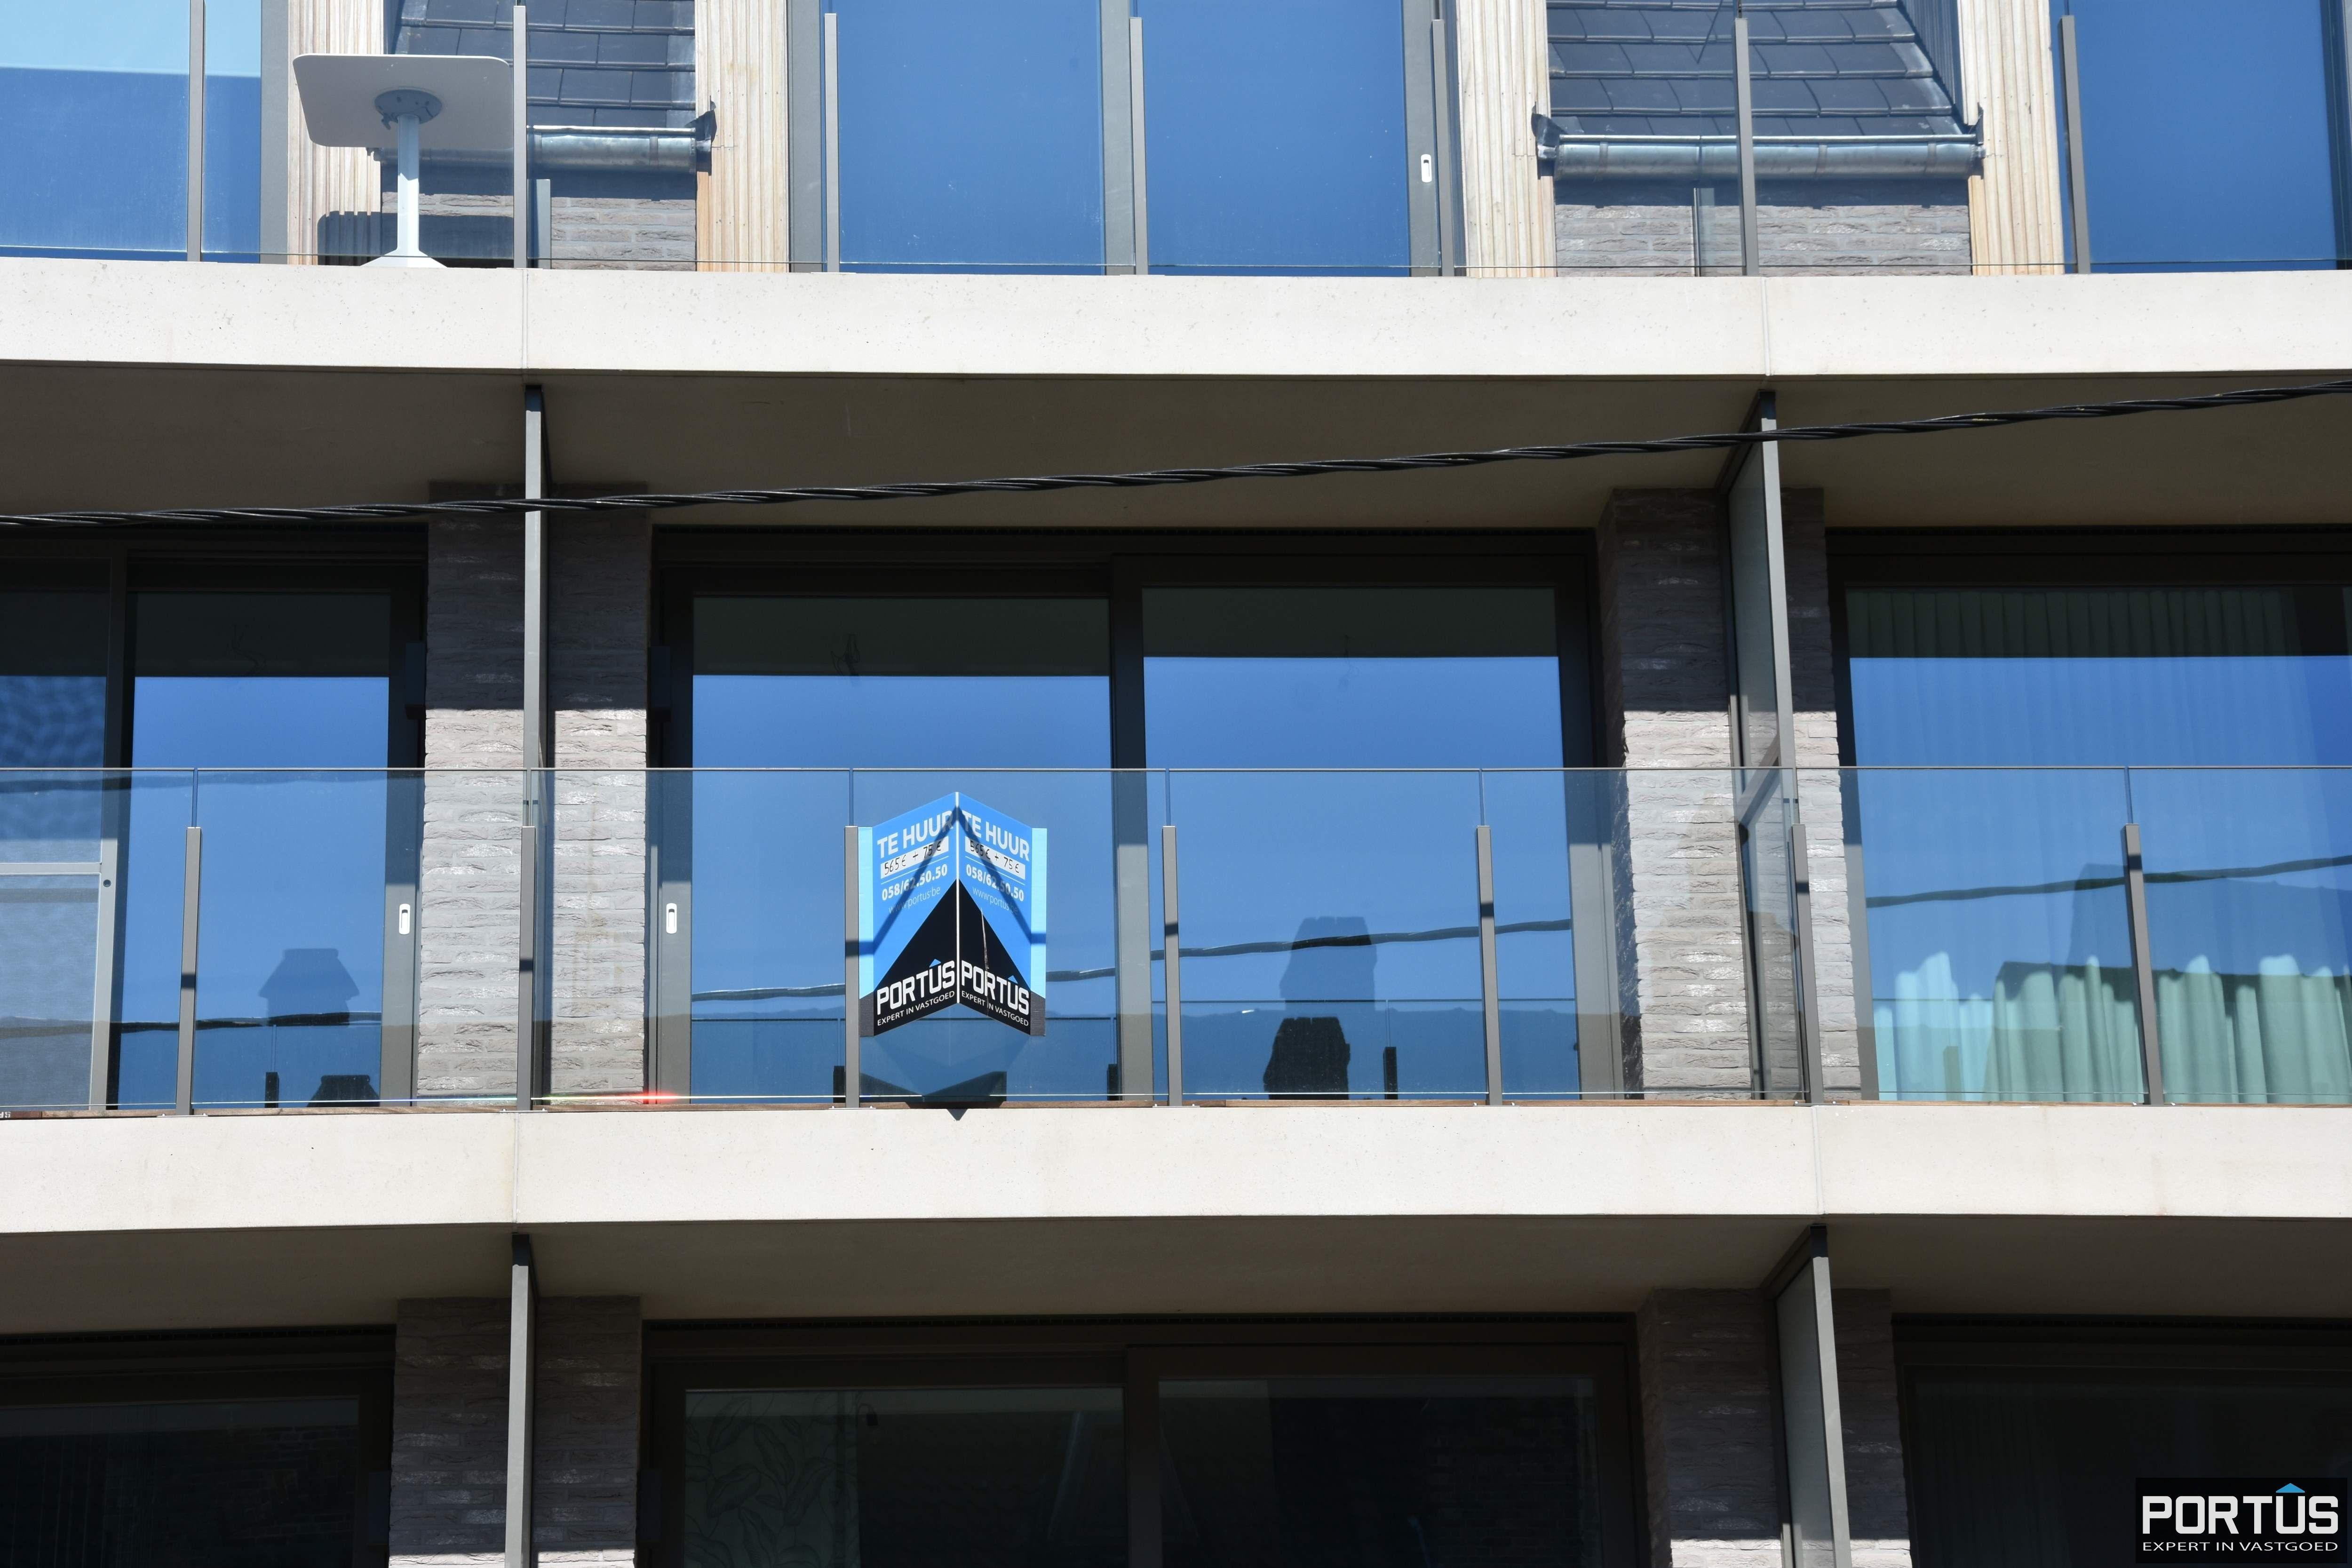 Nieuwbouwappartement met 1 slaapkamer te huur - 11336